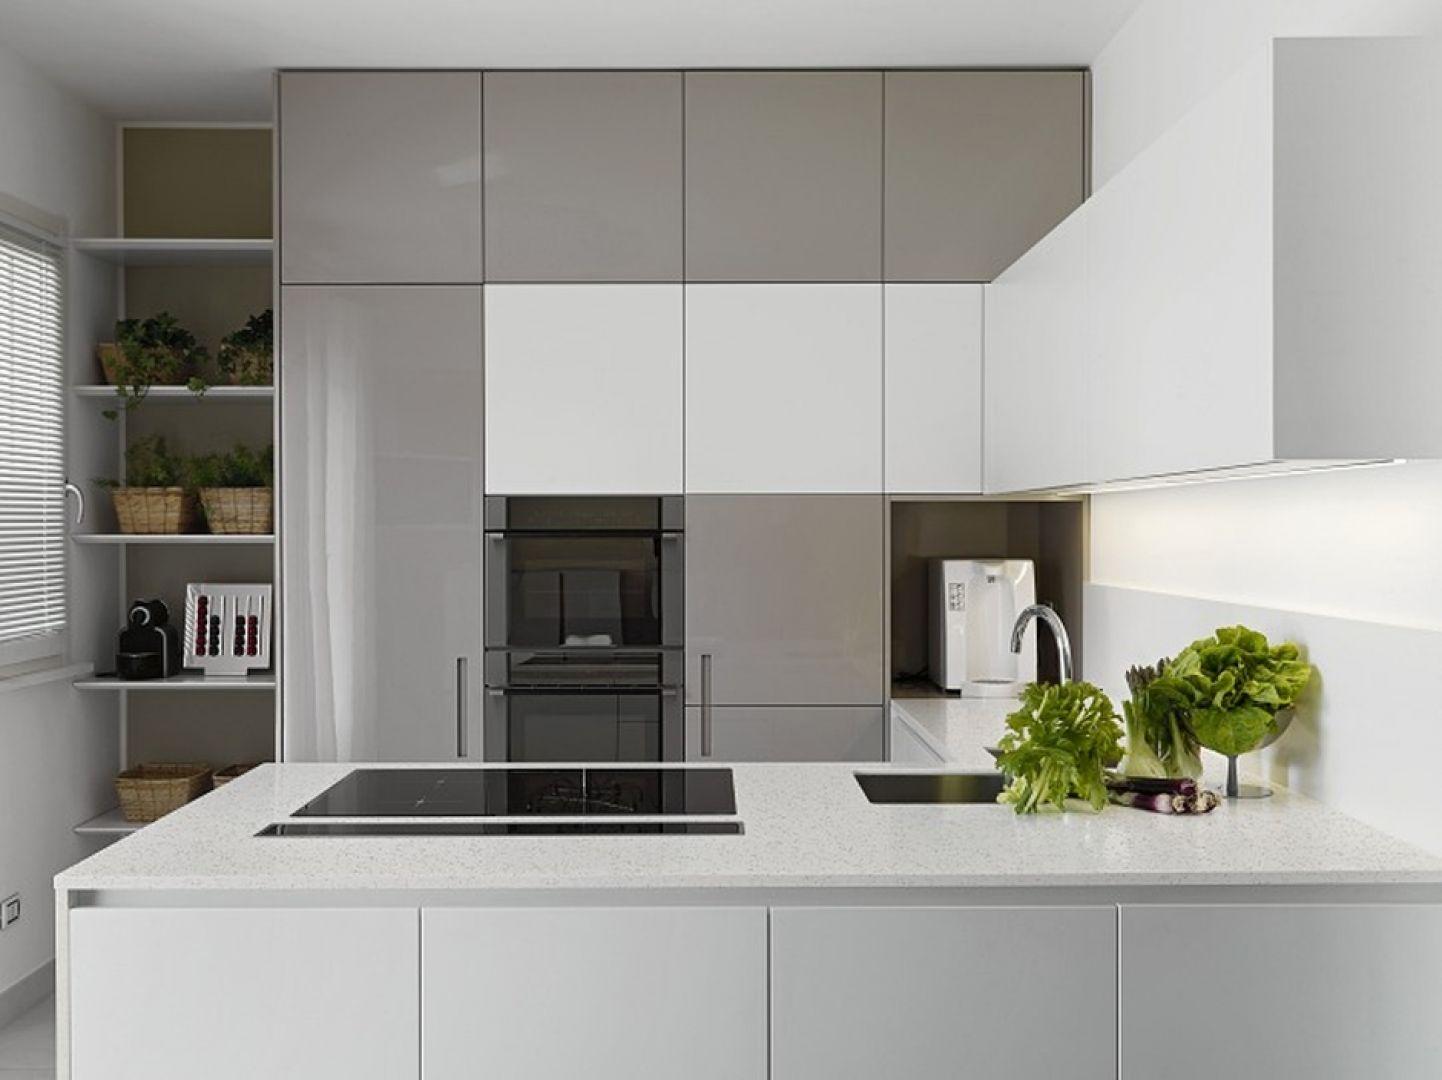 Warto pamiętać o tym, by kuchenne wnętrze było piękne, ale i funkcjonalne, a to oznacza ergonomiczne ułożenie sprzętów i mebli. Fot. TechniStone